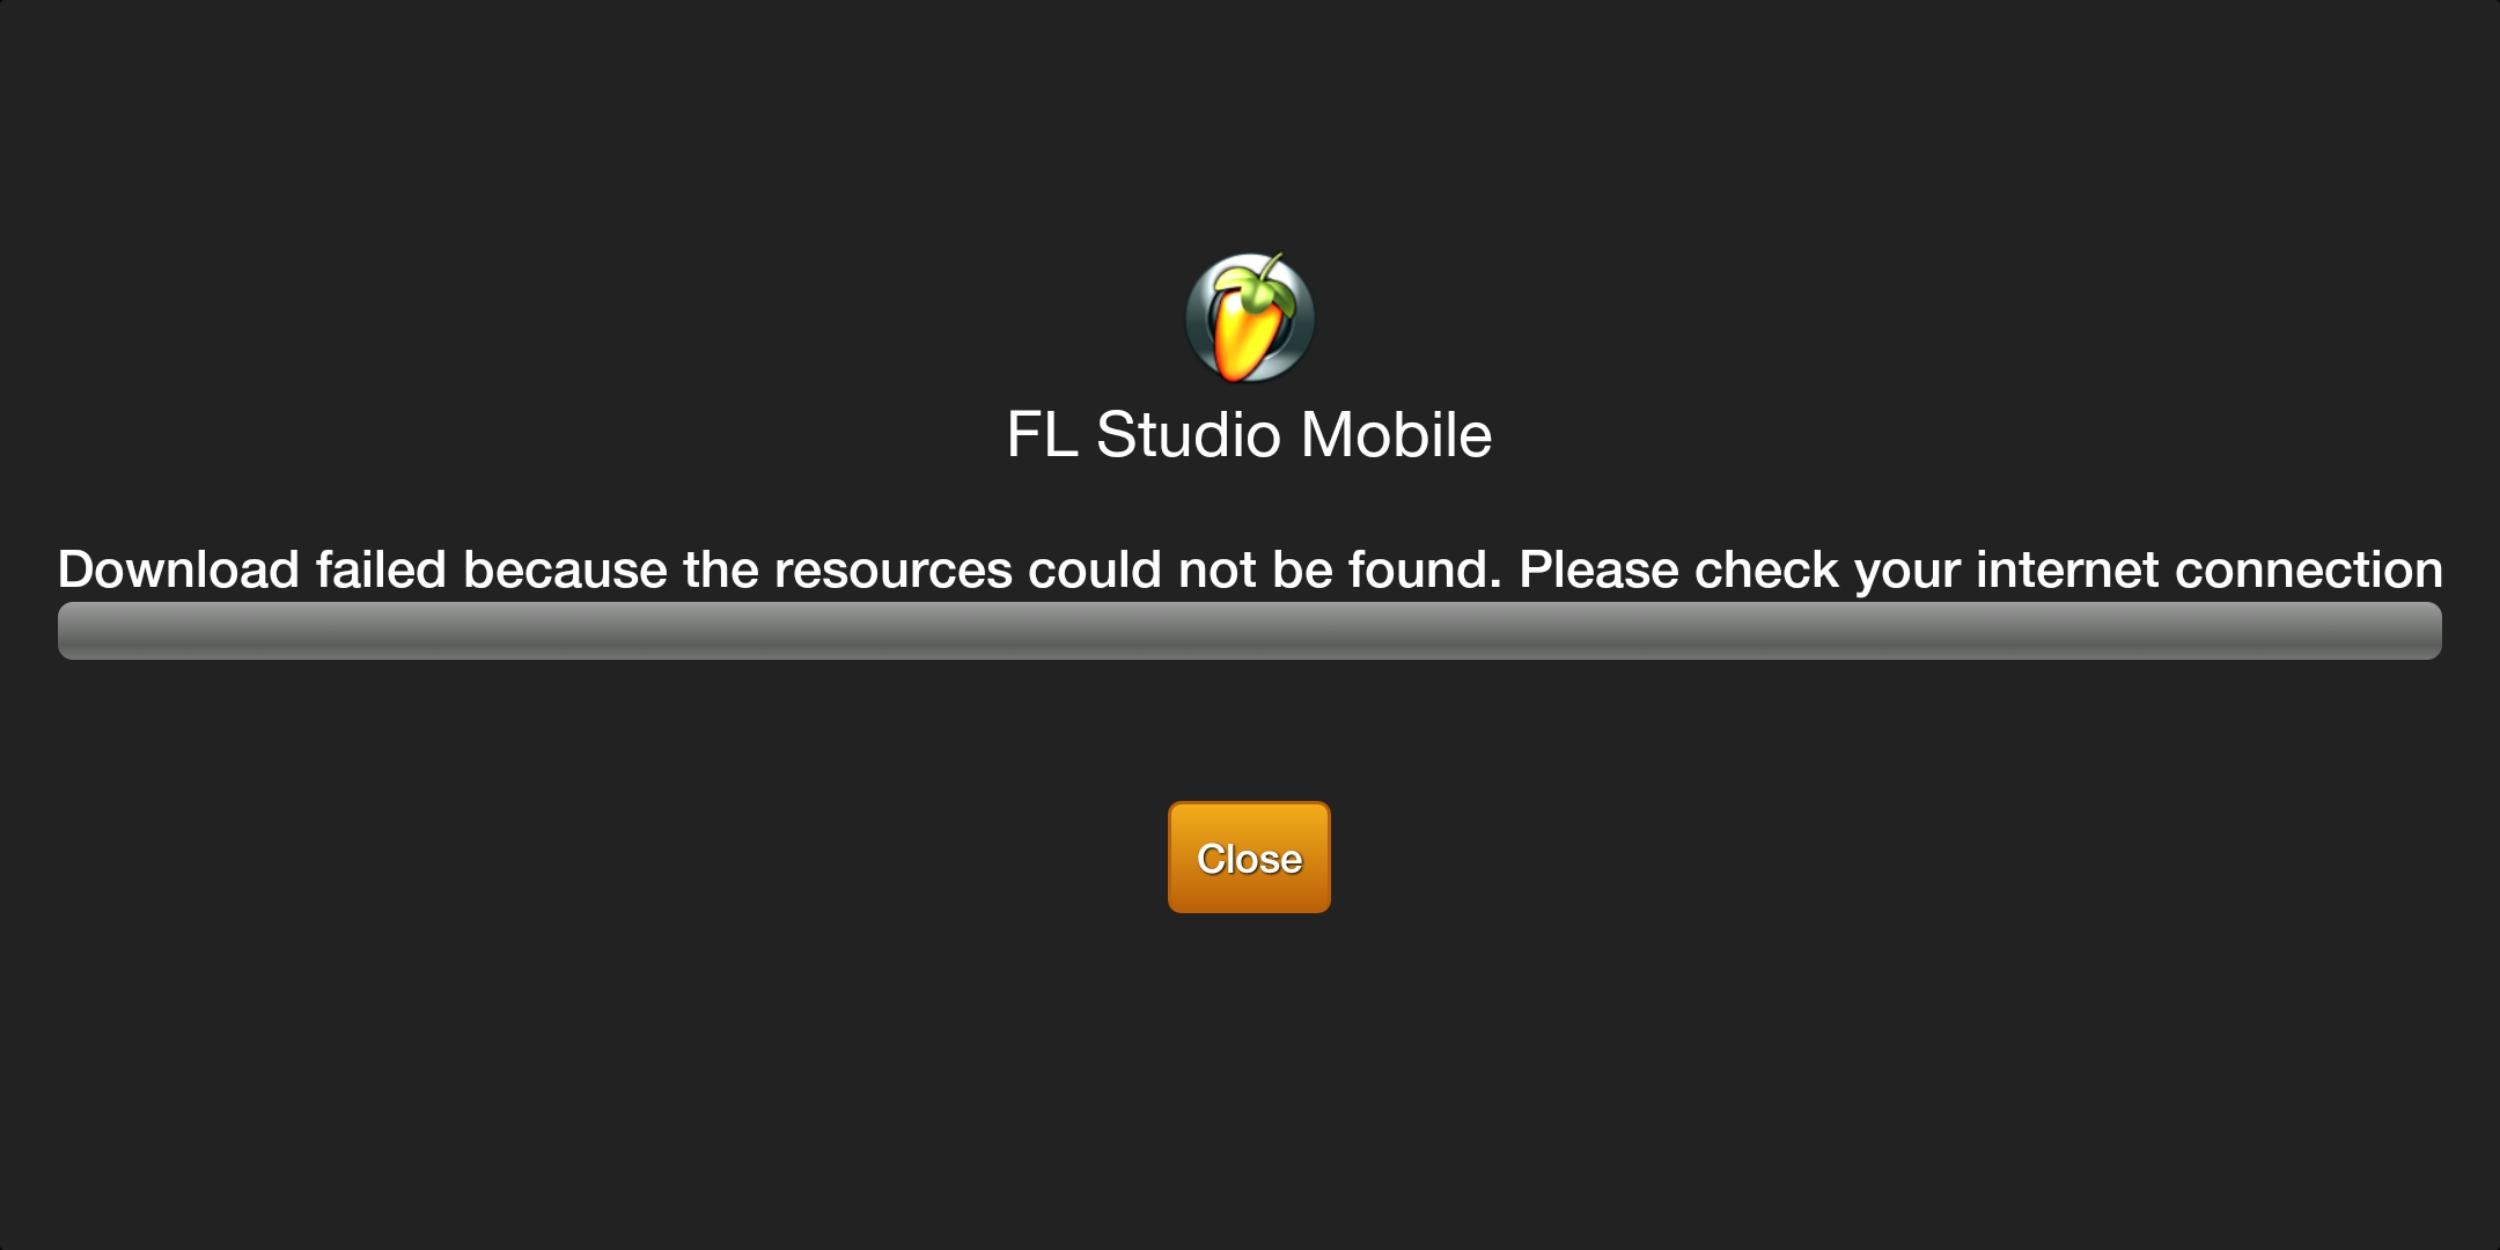 Screenshot_2018-10-30-12-53-51-869_FL Studio Mobile.png